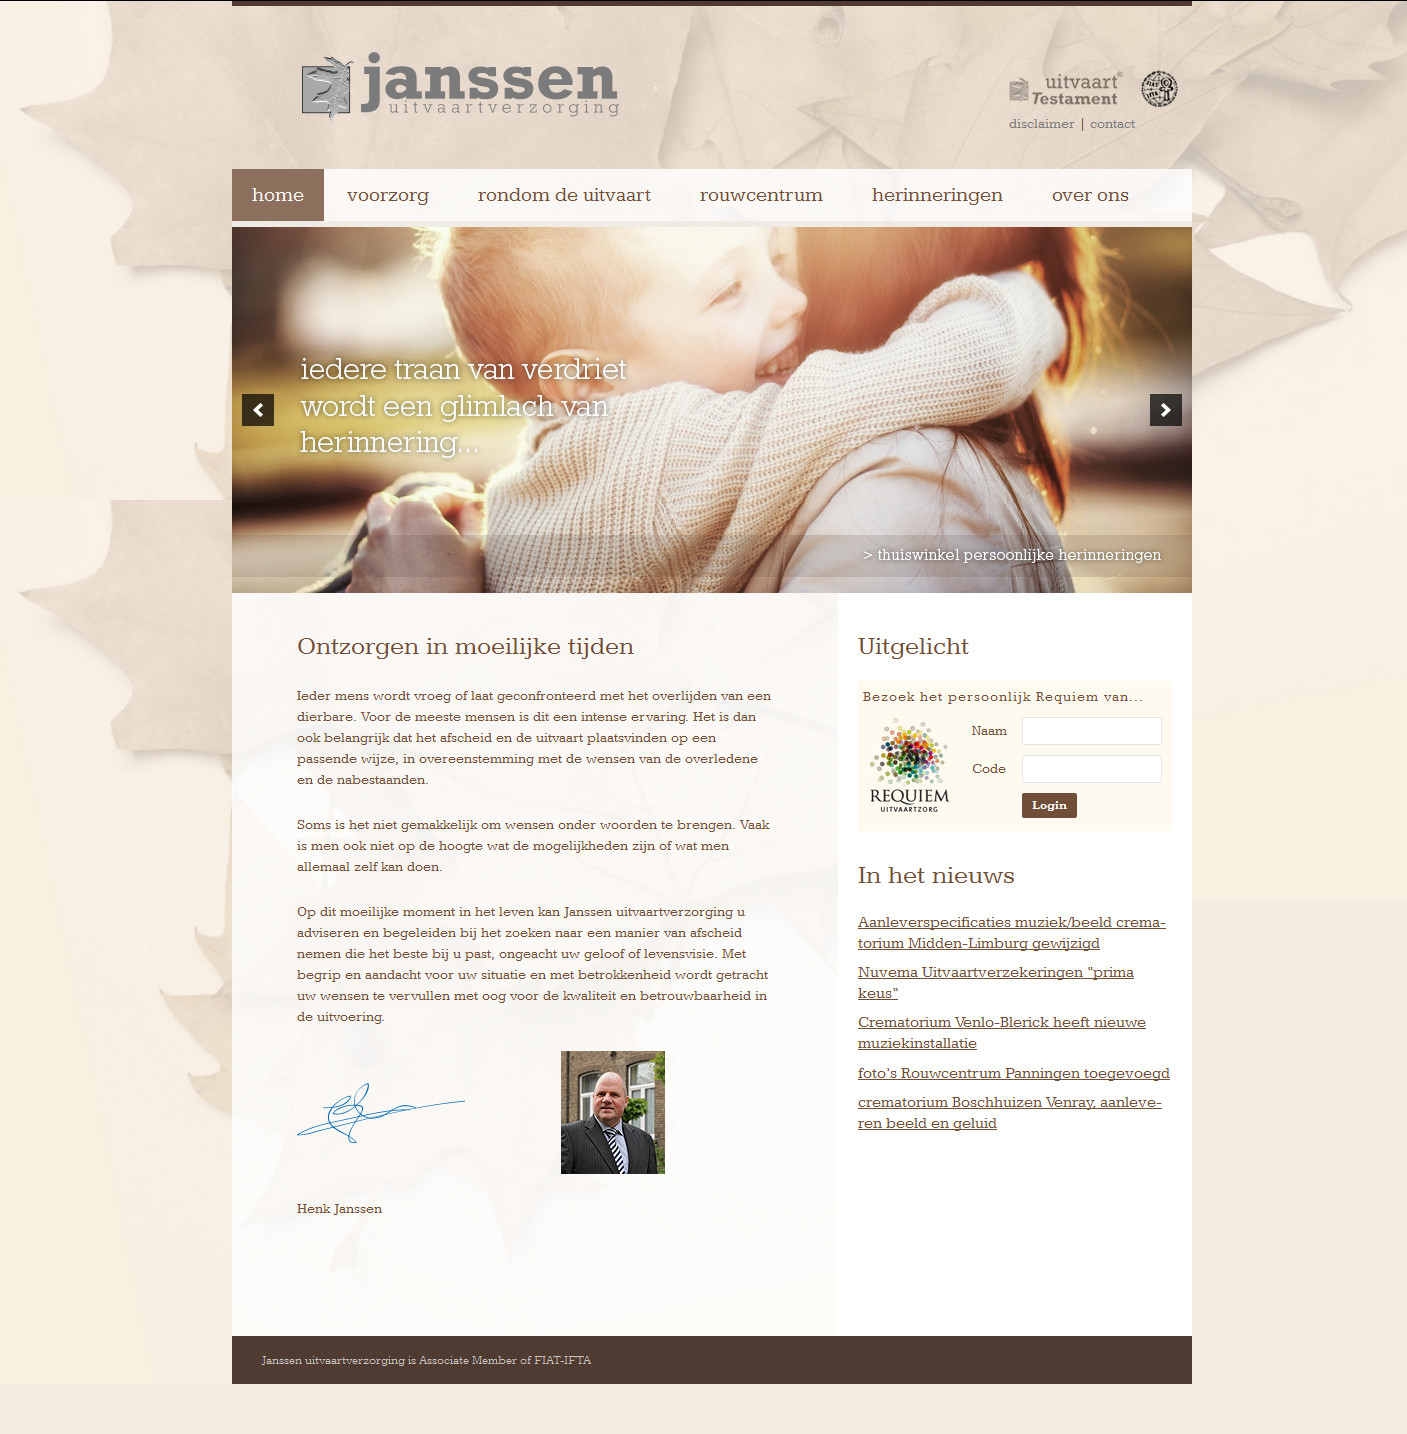 Janssenuitvaart.nl